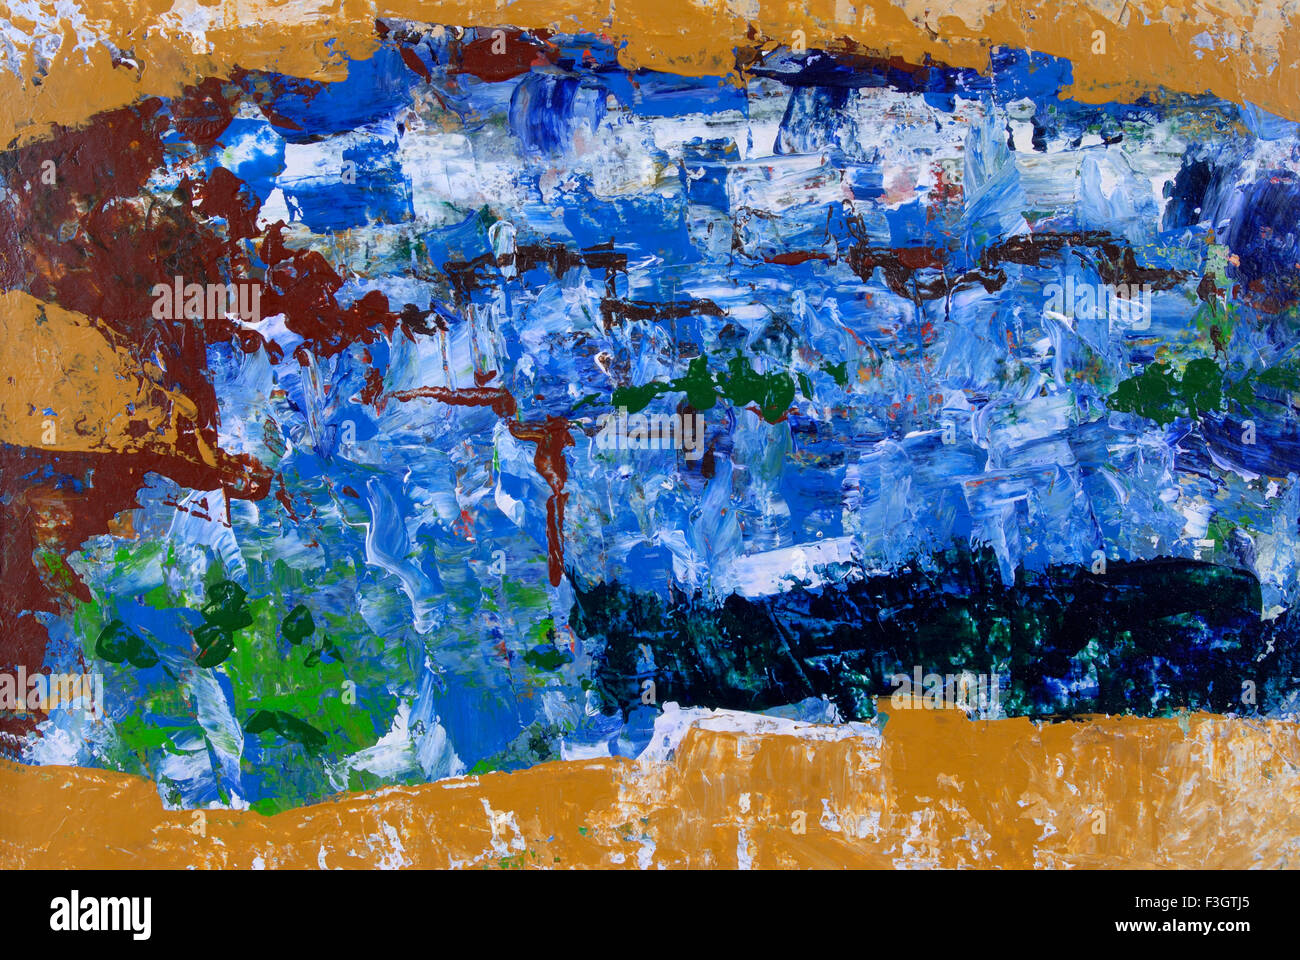 Impression de jodhpur city couleurs acryliques sur papier fait main Photo Stock